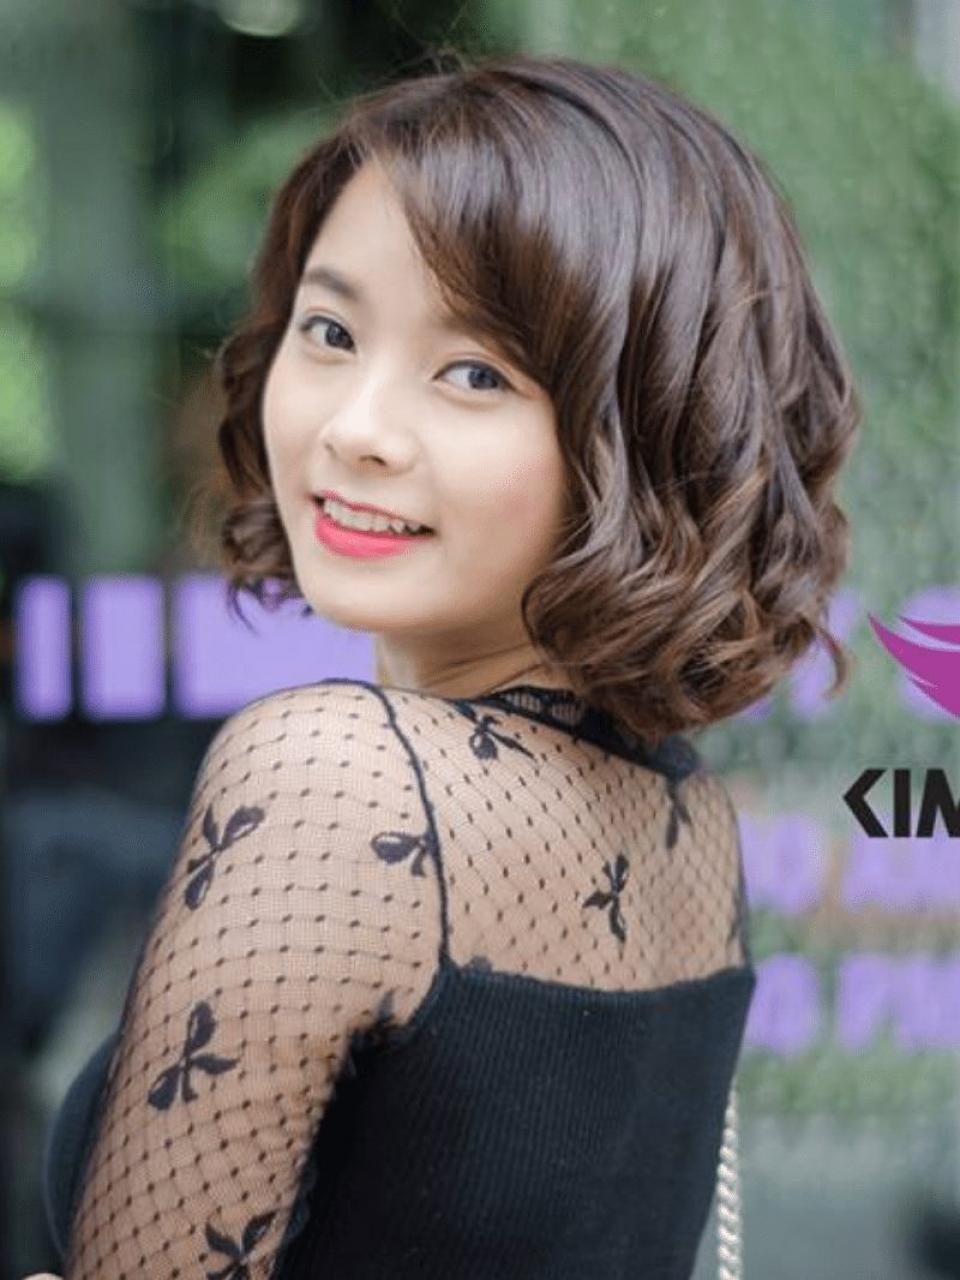 99 kiểu tóc đẹp nhất 2019 phong cách Hàn Quốc bạn nữ nhất định phải biết